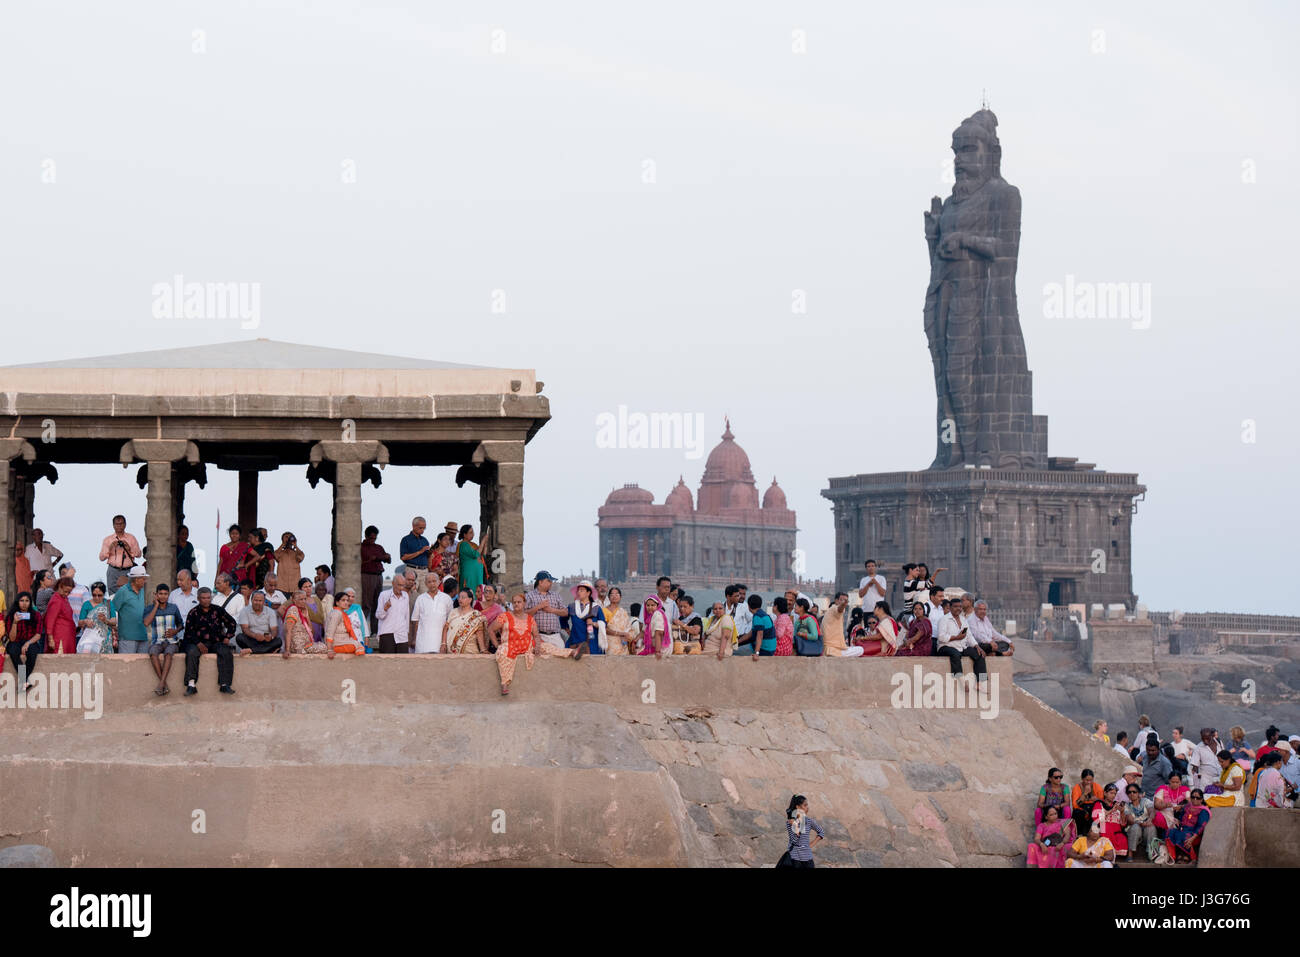 Massen von Menschen genießen den Sonnenuntergang vor der Thiruvalluvar Statue in Kanyakumari, Indien Stockbild